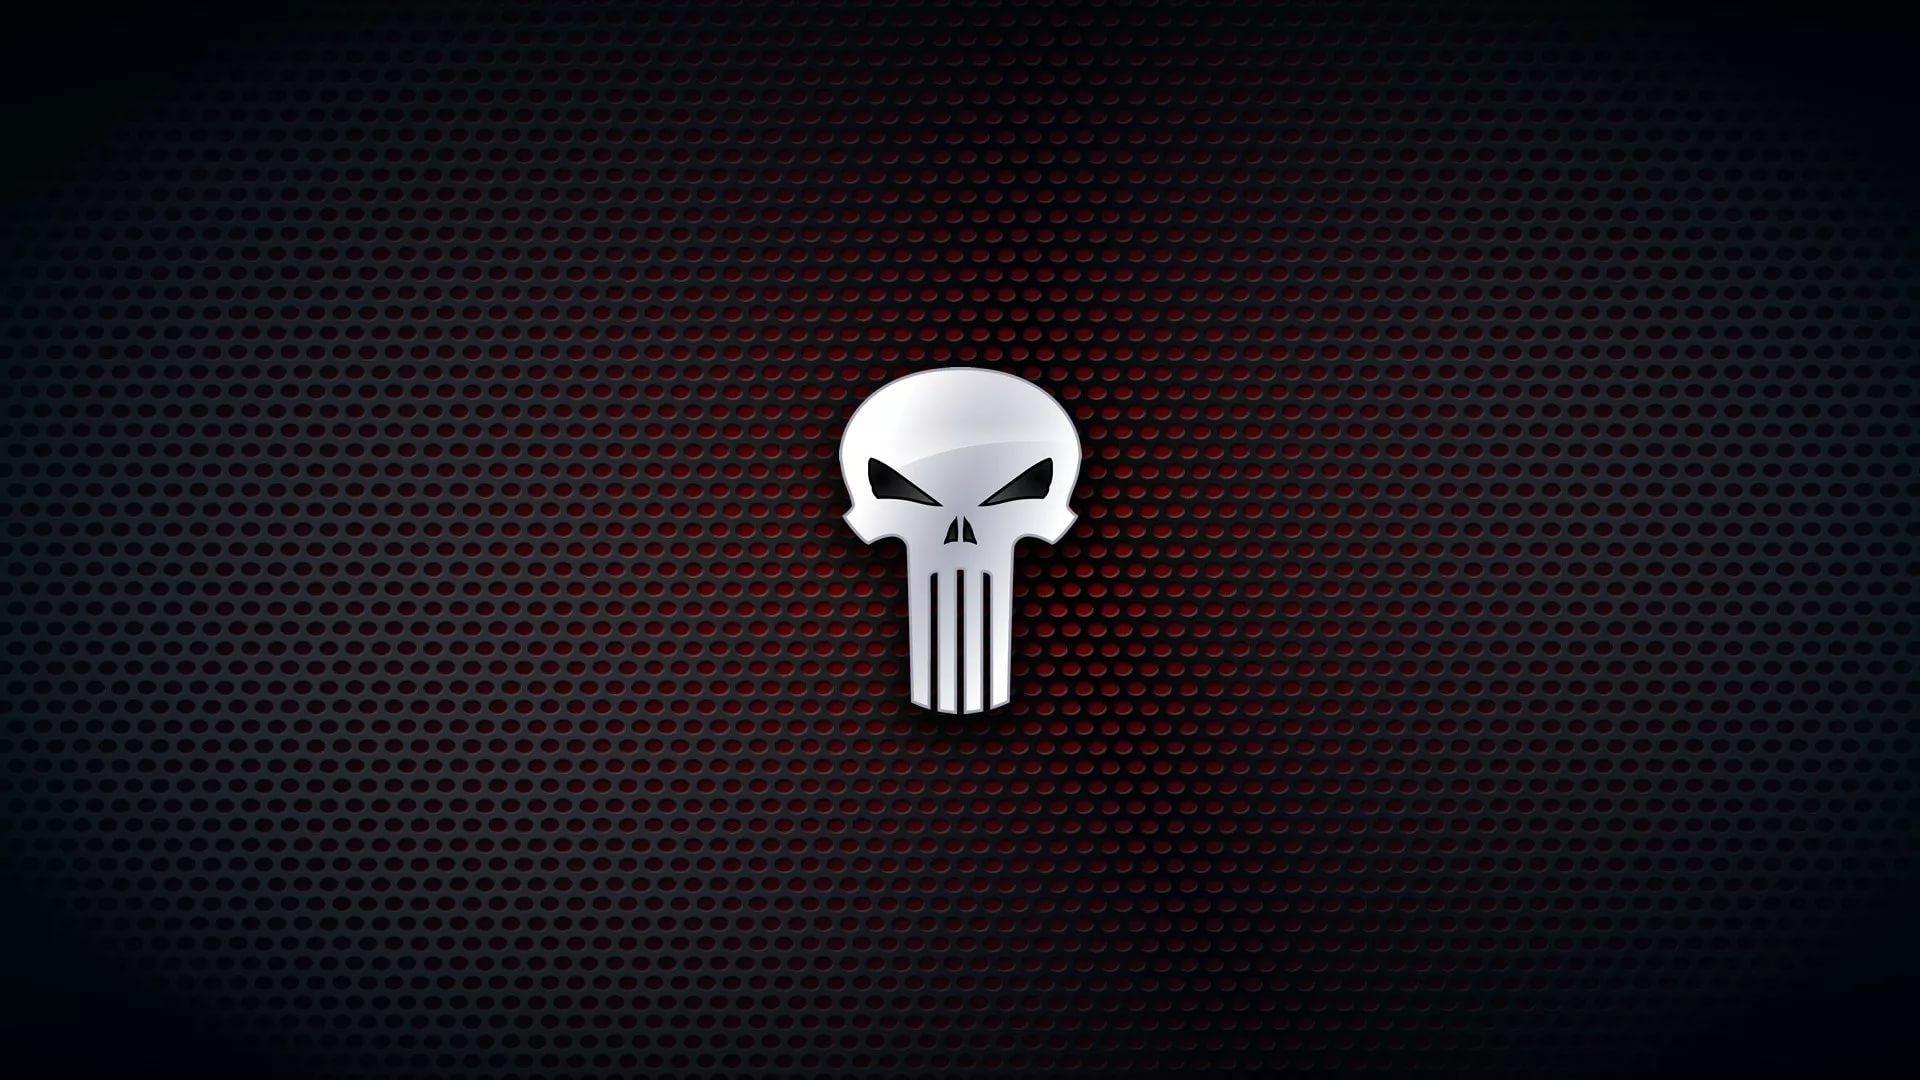 Punisher Skull Good Wallpaper